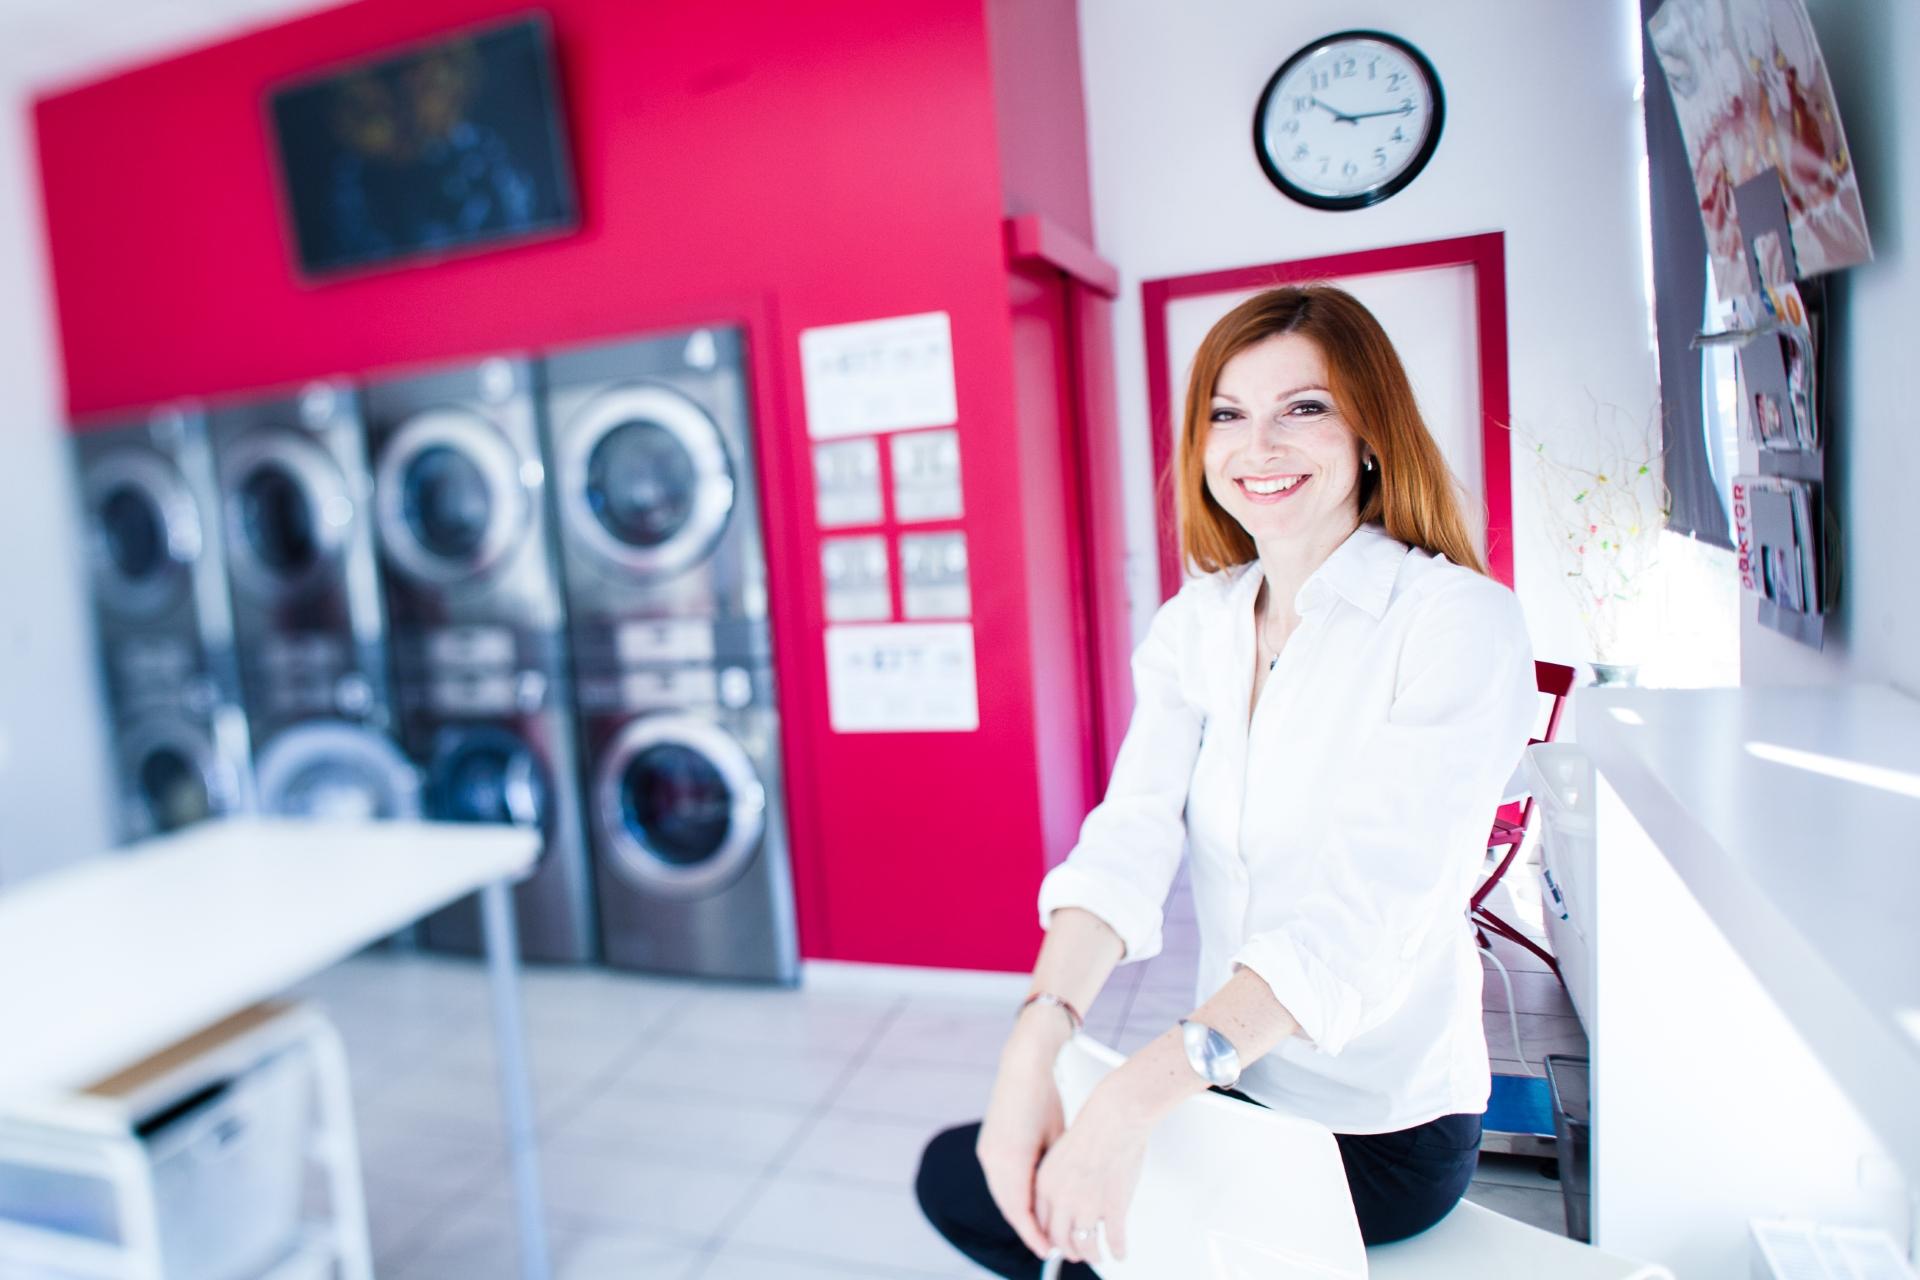 FRANCHISING EXIBITION CROATIA Saznajte više o najsigurnijem načinu ulaska u poduzetništvo